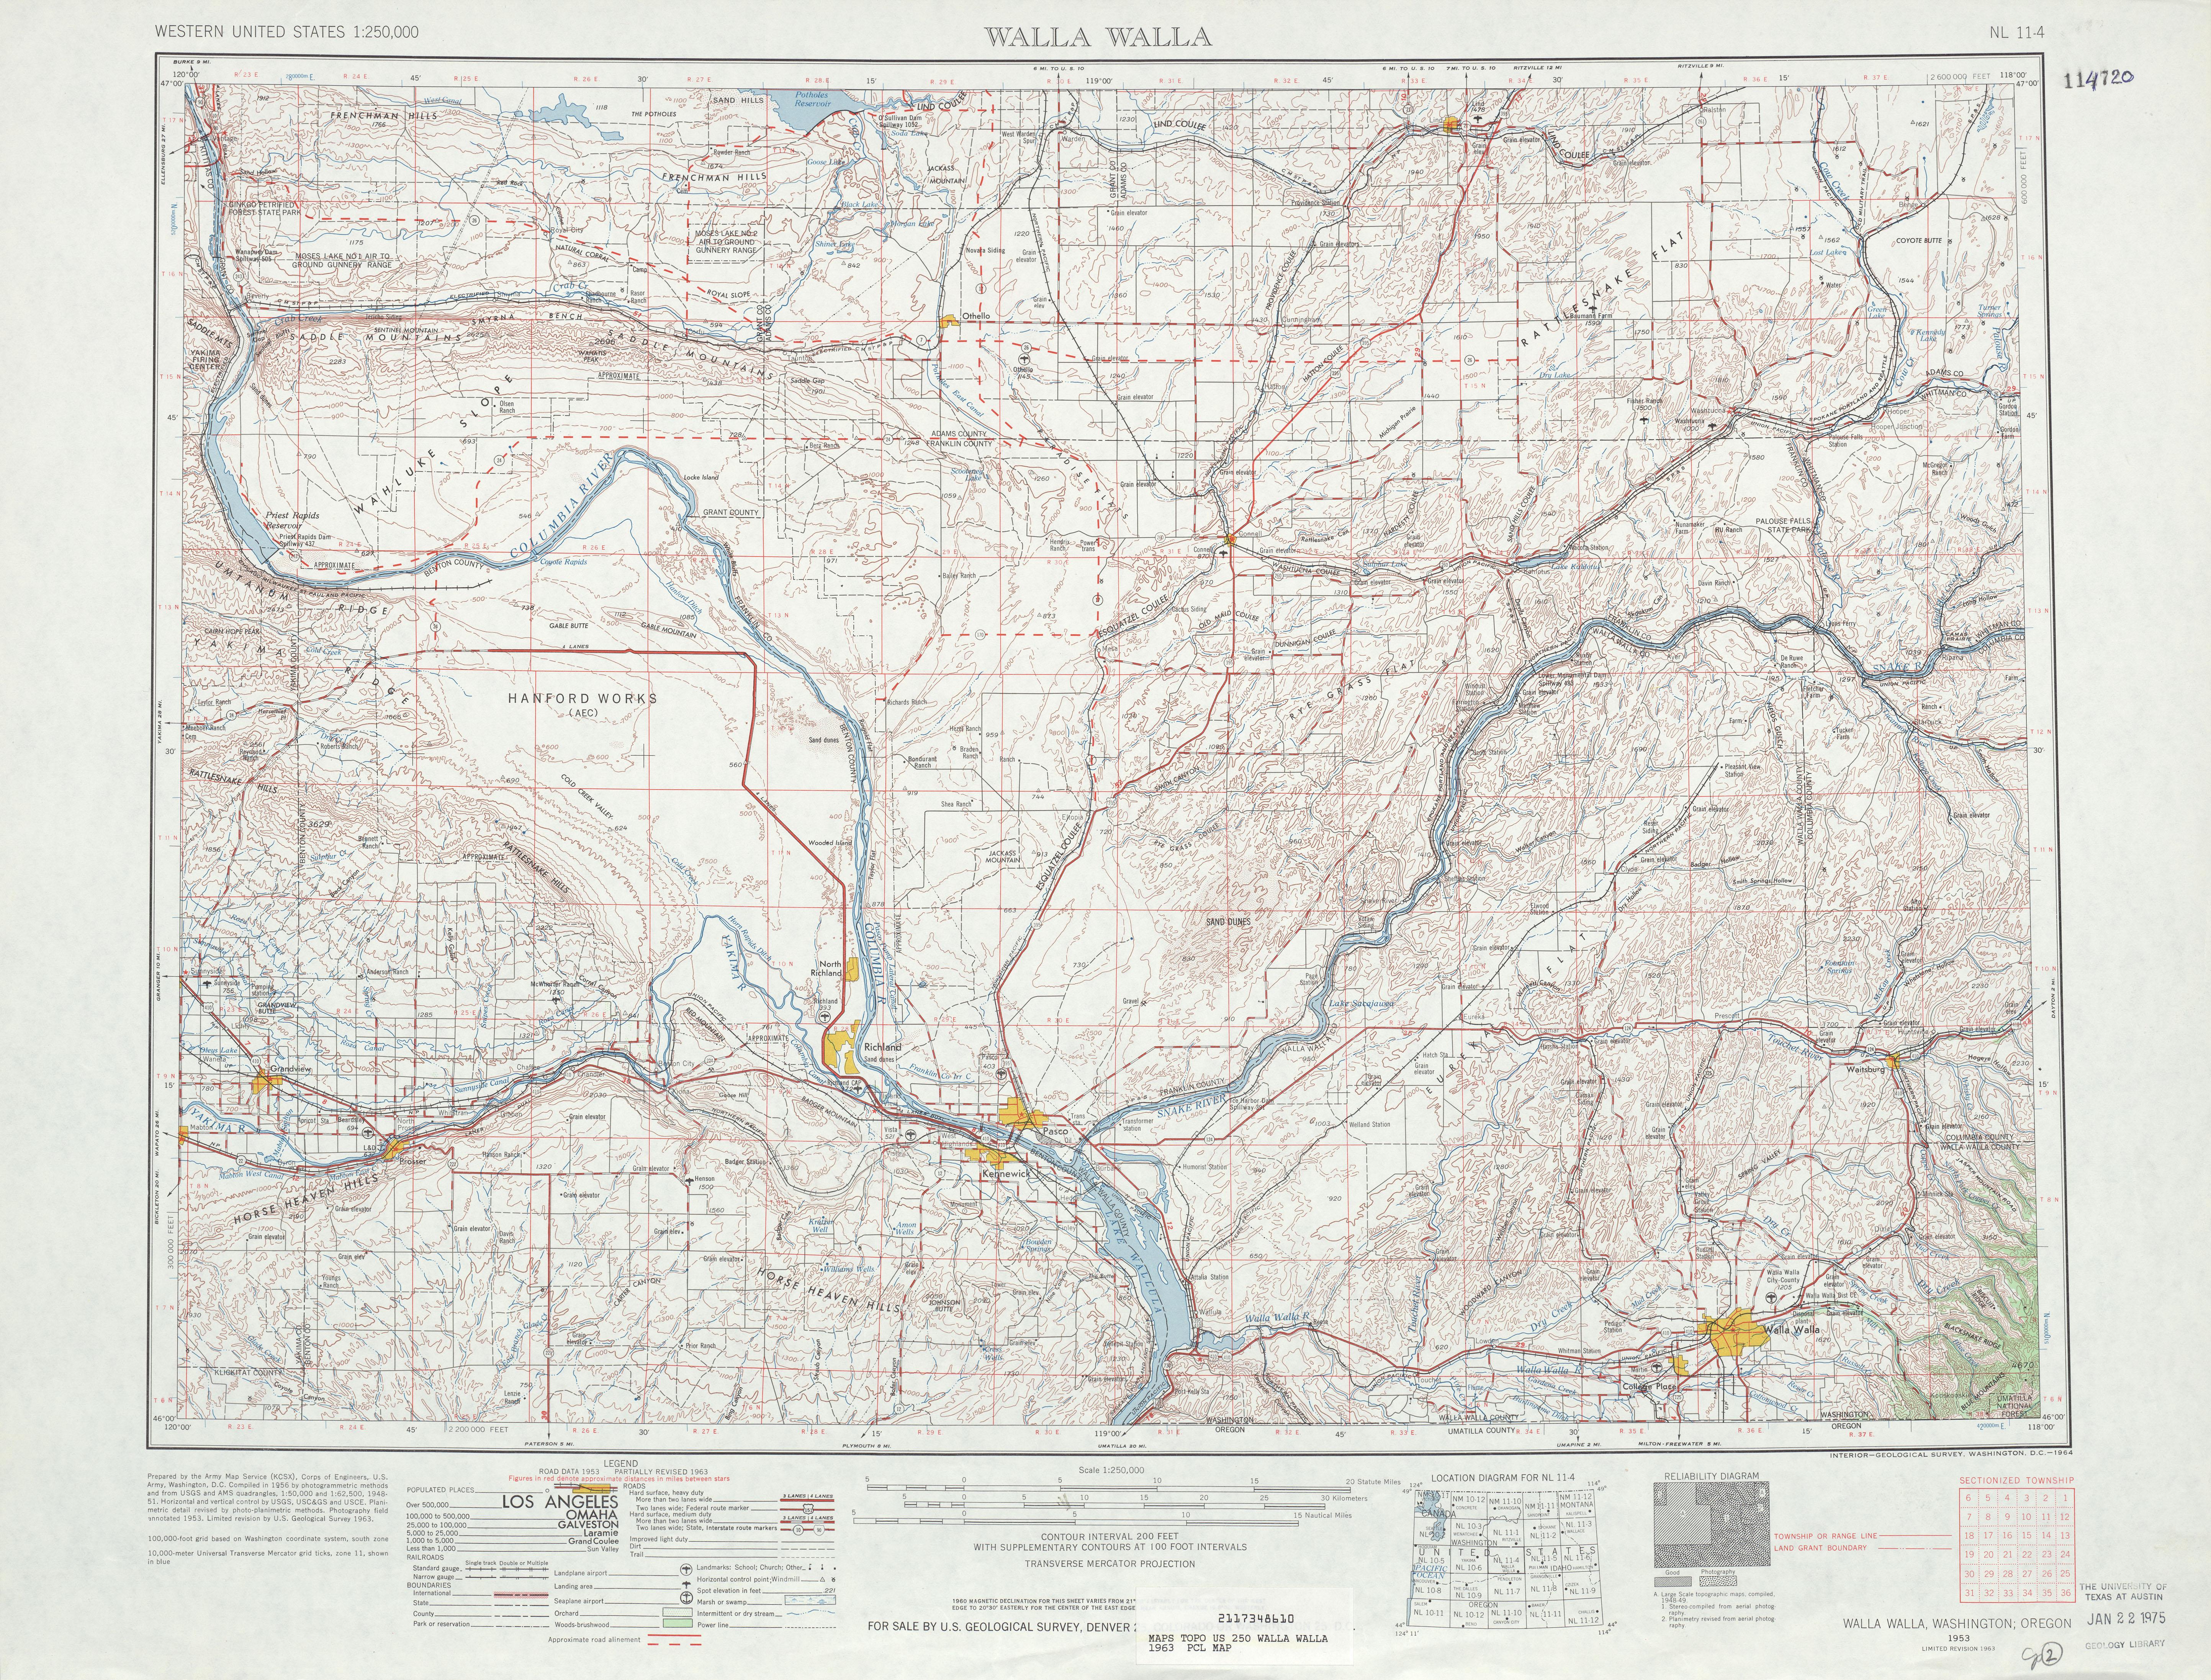 Hoja Walla Walla del Mapa Topográfico de los Estados Unidos 1963